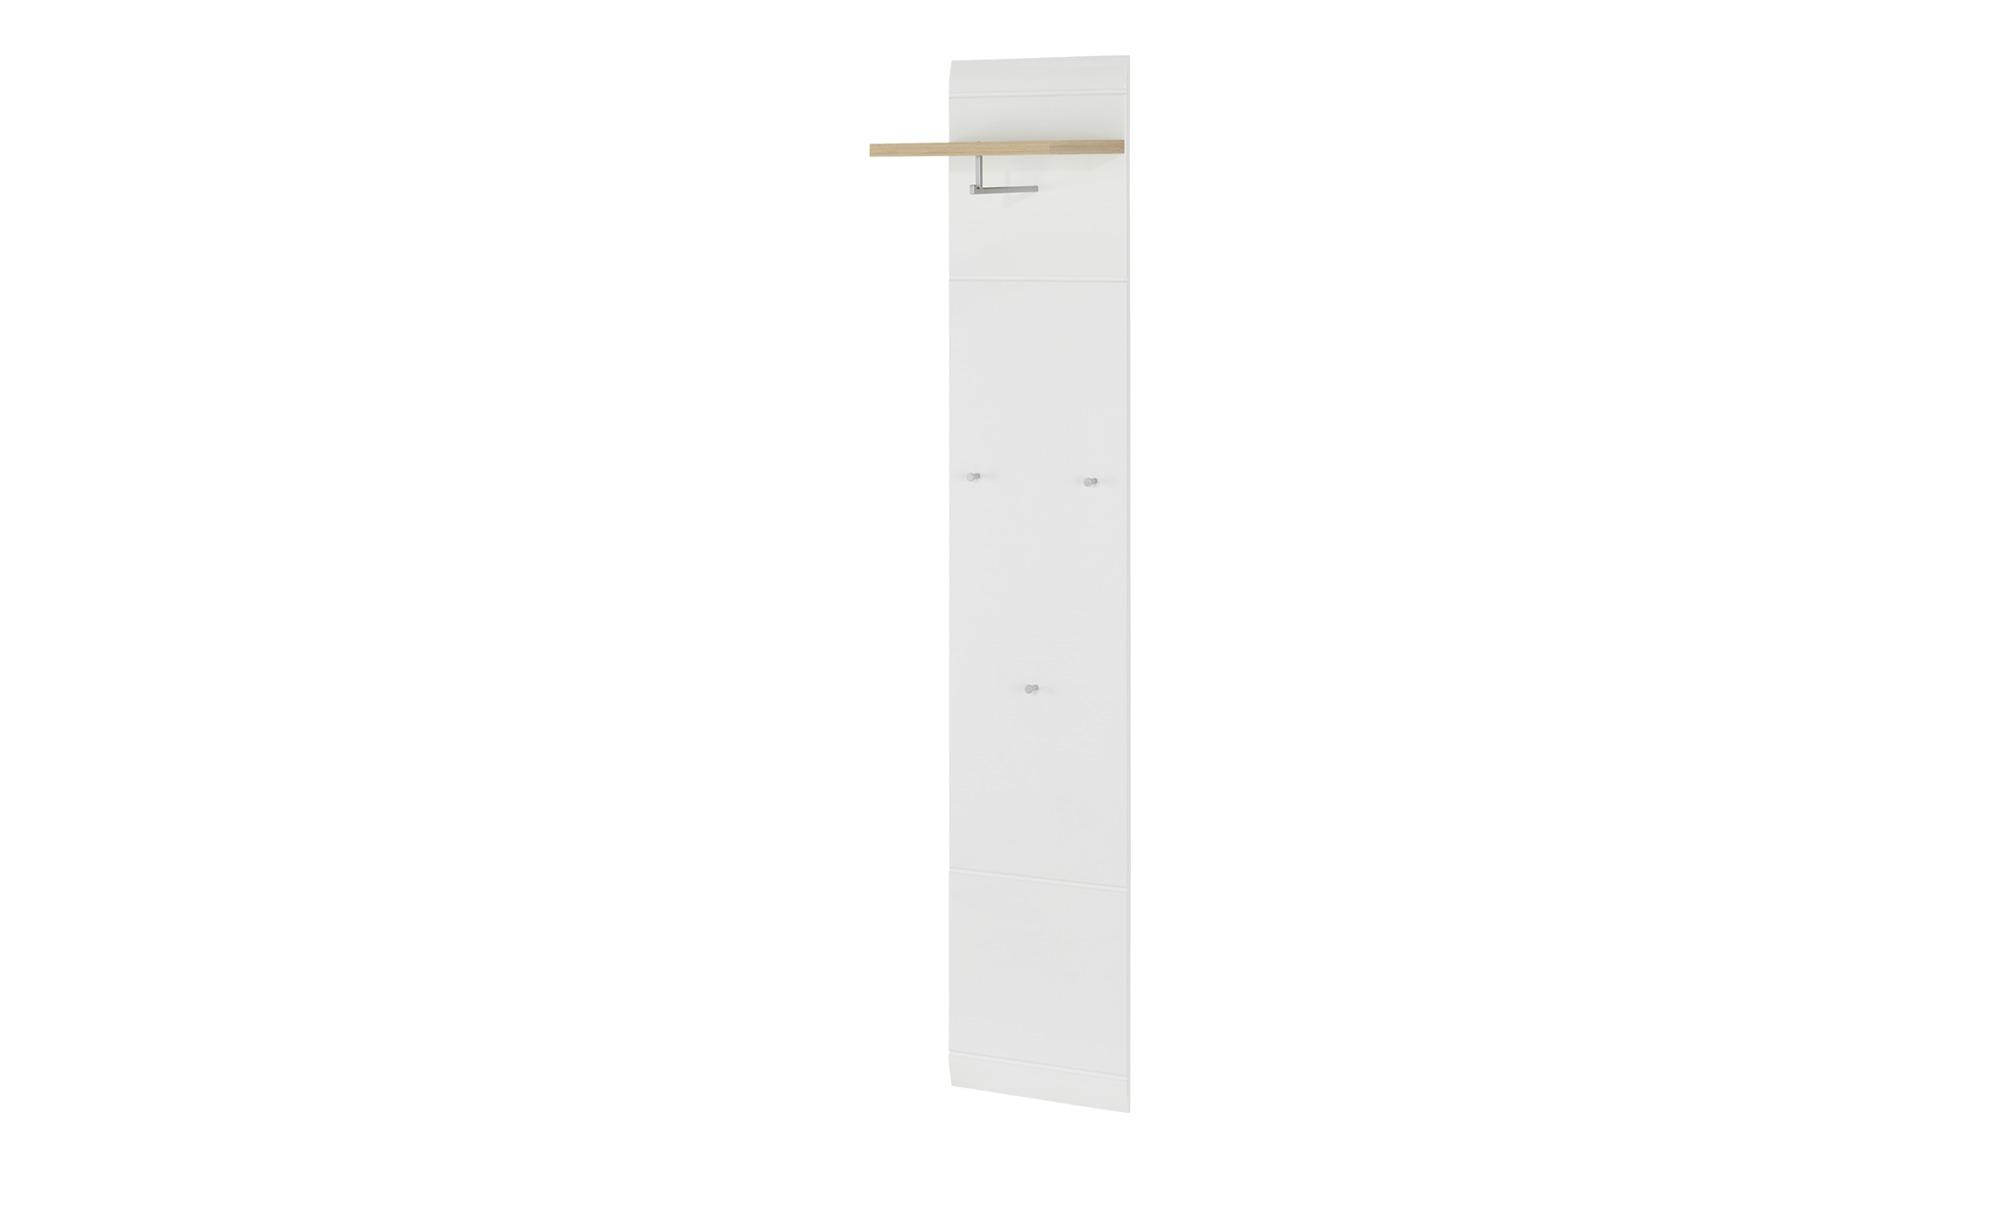 Möbel Kraft Aktion : uno garderobenpaneel salerno bei m bel kraft online kaufen ~ Watch28wear.com Haus und Dekorationen